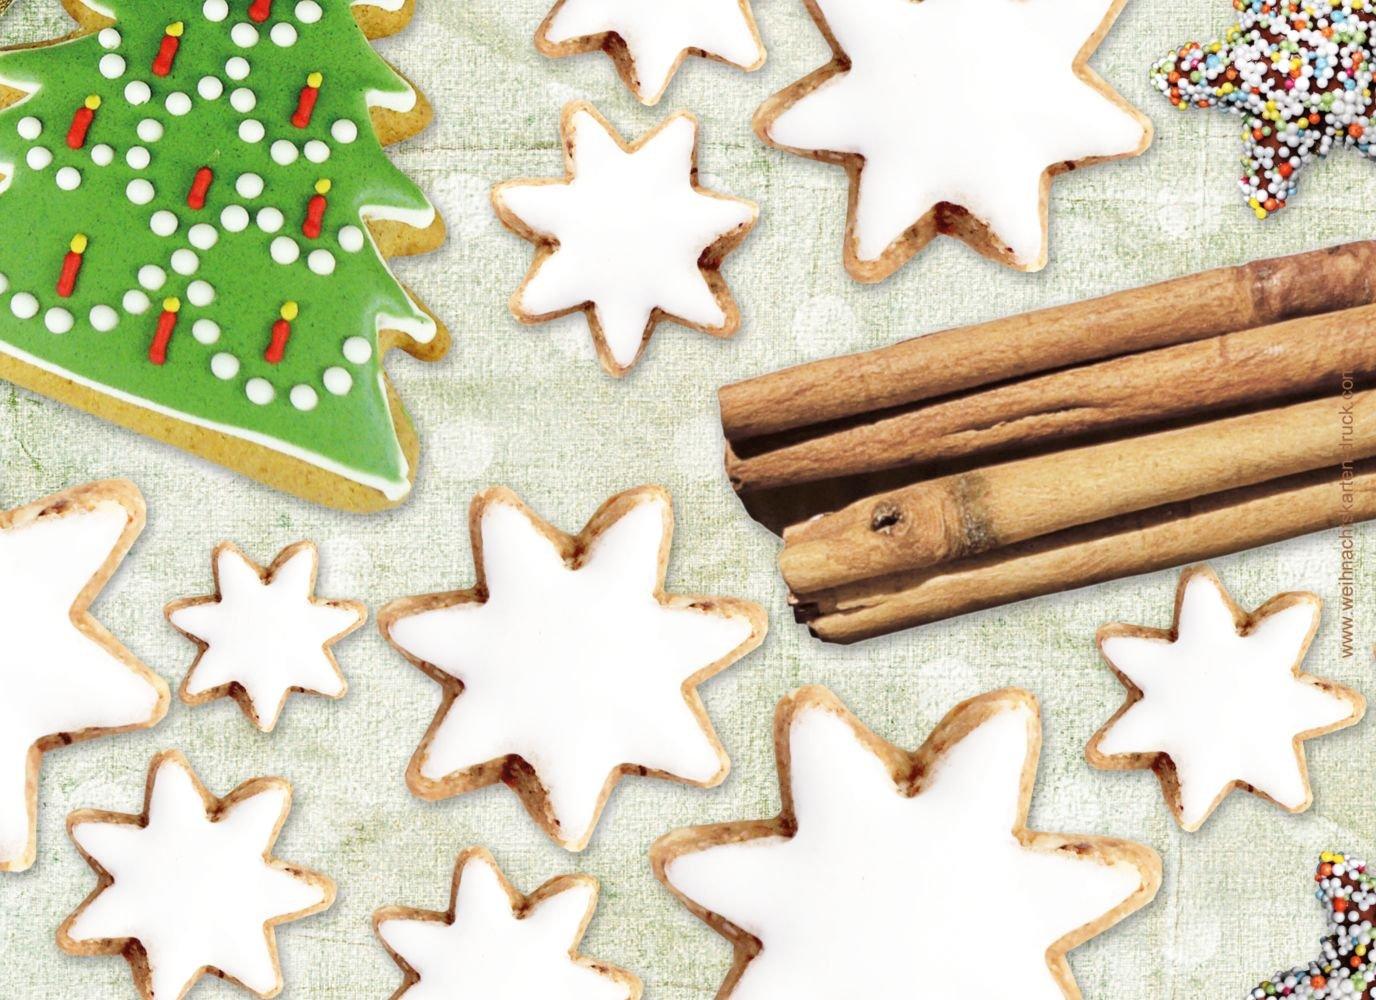 Kartenparadies Kartenparadies Kartenparadies Grußkarte Weihnachten Grußkarte Plätzchentisch, hochwertige Weihnachtsgrüße als Weihnachtskarte (Format  148x105 mm) Farbe  Beige B01N6QCUV0 | Export  | Online-Shop  | Starke Hitze- und Abnutzungsbeständigkeit 1c7be3